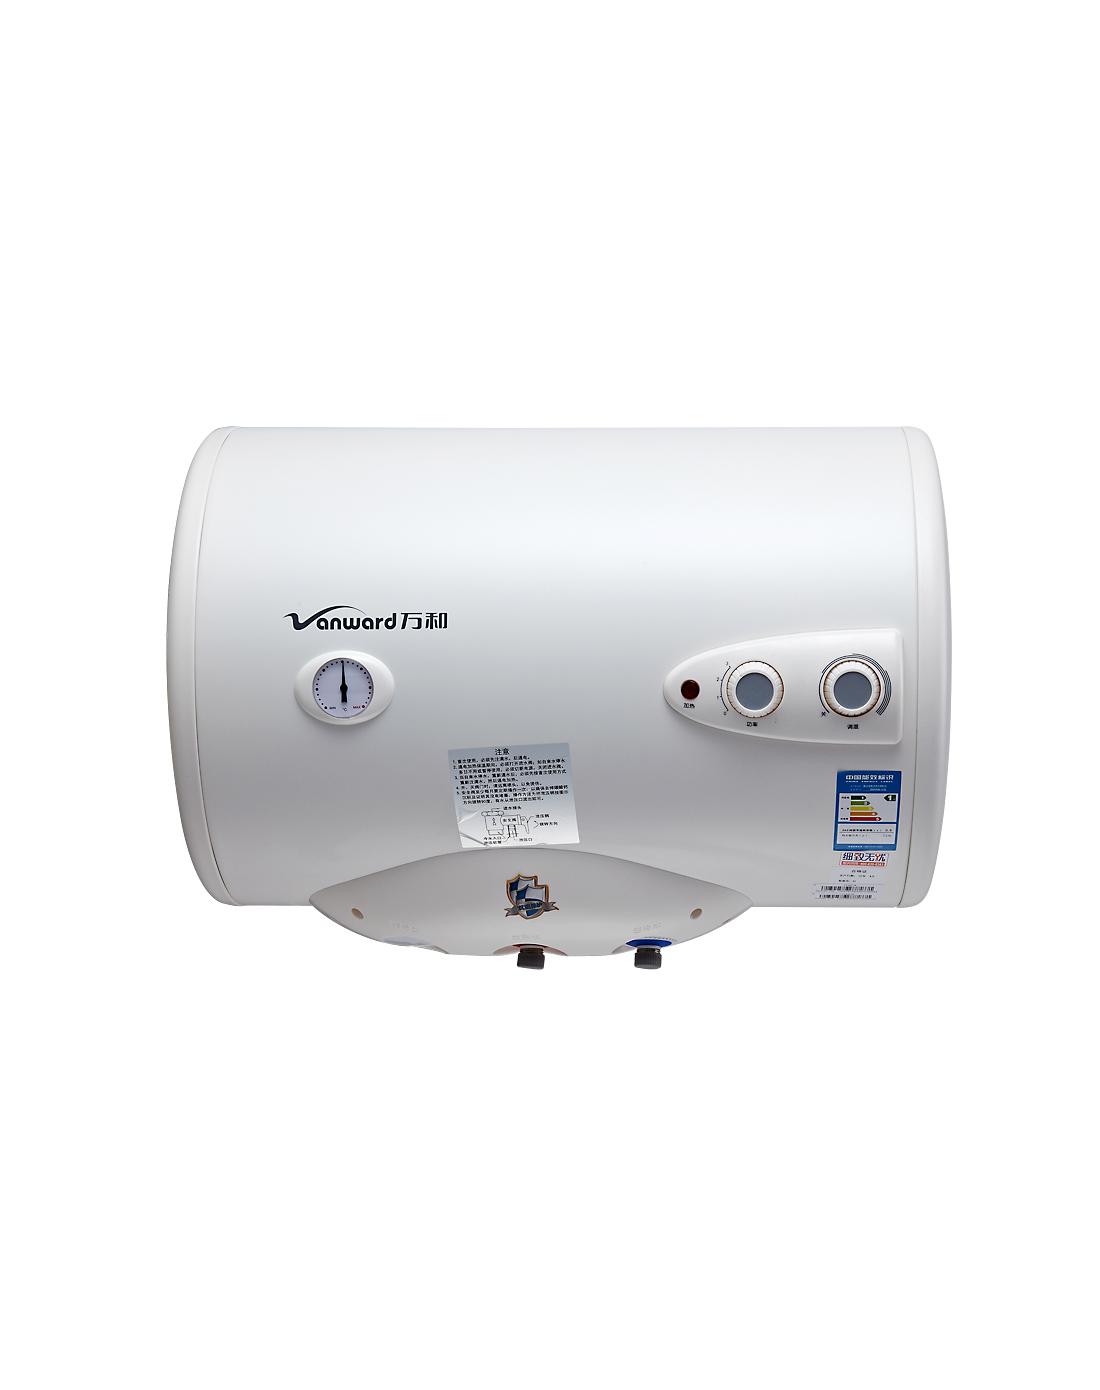 万和vanward电器c32双盾节能储水式安全电热水器40升